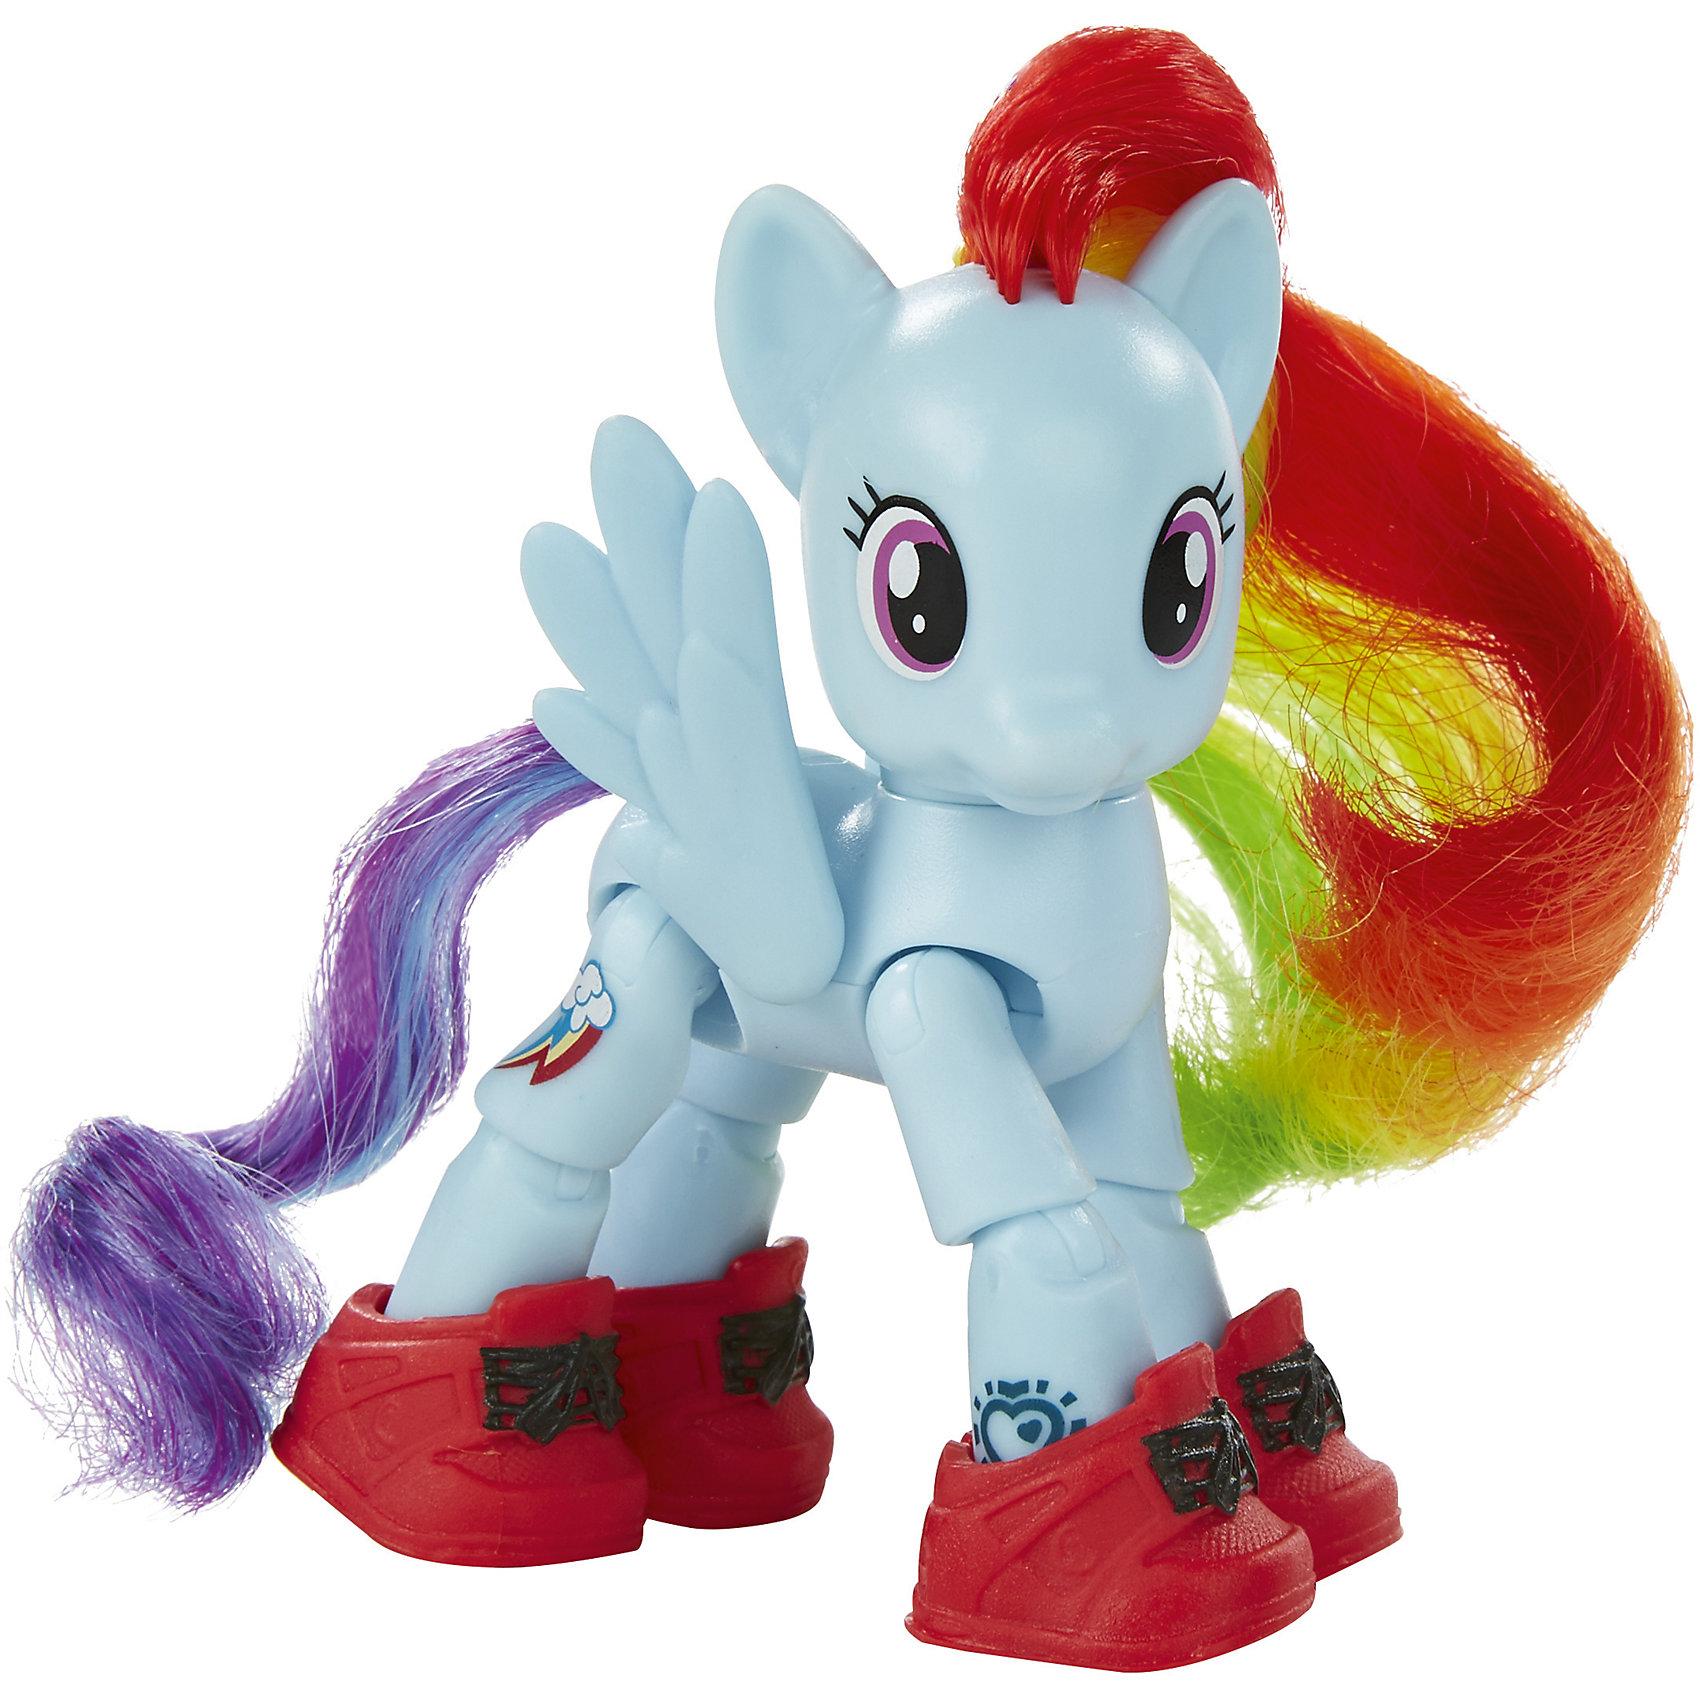 Пони с артикуляцией, My little Pony, B3598/В5680Игрушки<br>Пони с артикуляцией, My little Pony, B3598/В5680<br><br>Характеристика:<br><br>-Возраст: от 4 лет до 10 лет<br>-Для девочек<br>-Марка: Hasbro<br><br>С пони Радуга Дэш игры станут ещё интереснее, ведь все её конечности двигаются. Также она имеет модную обувь, которую можно легко надеть и снять. А яркую гриву пони можно расчесывать и заплетать. <br><br>Пони с артикуляцией, My little Pony, B3598/В5680 можно приобрести в нашем интернет-магазине.<br><br>Ширина мм: 181<br>Глубина мм: 159<br>Высота мм: 55<br>Вес г: 111<br>Возраст от месяцев: 48<br>Возраст до месяцев: 120<br>Пол: Женский<br>Возраст: Детский<br>SKU: 5246350